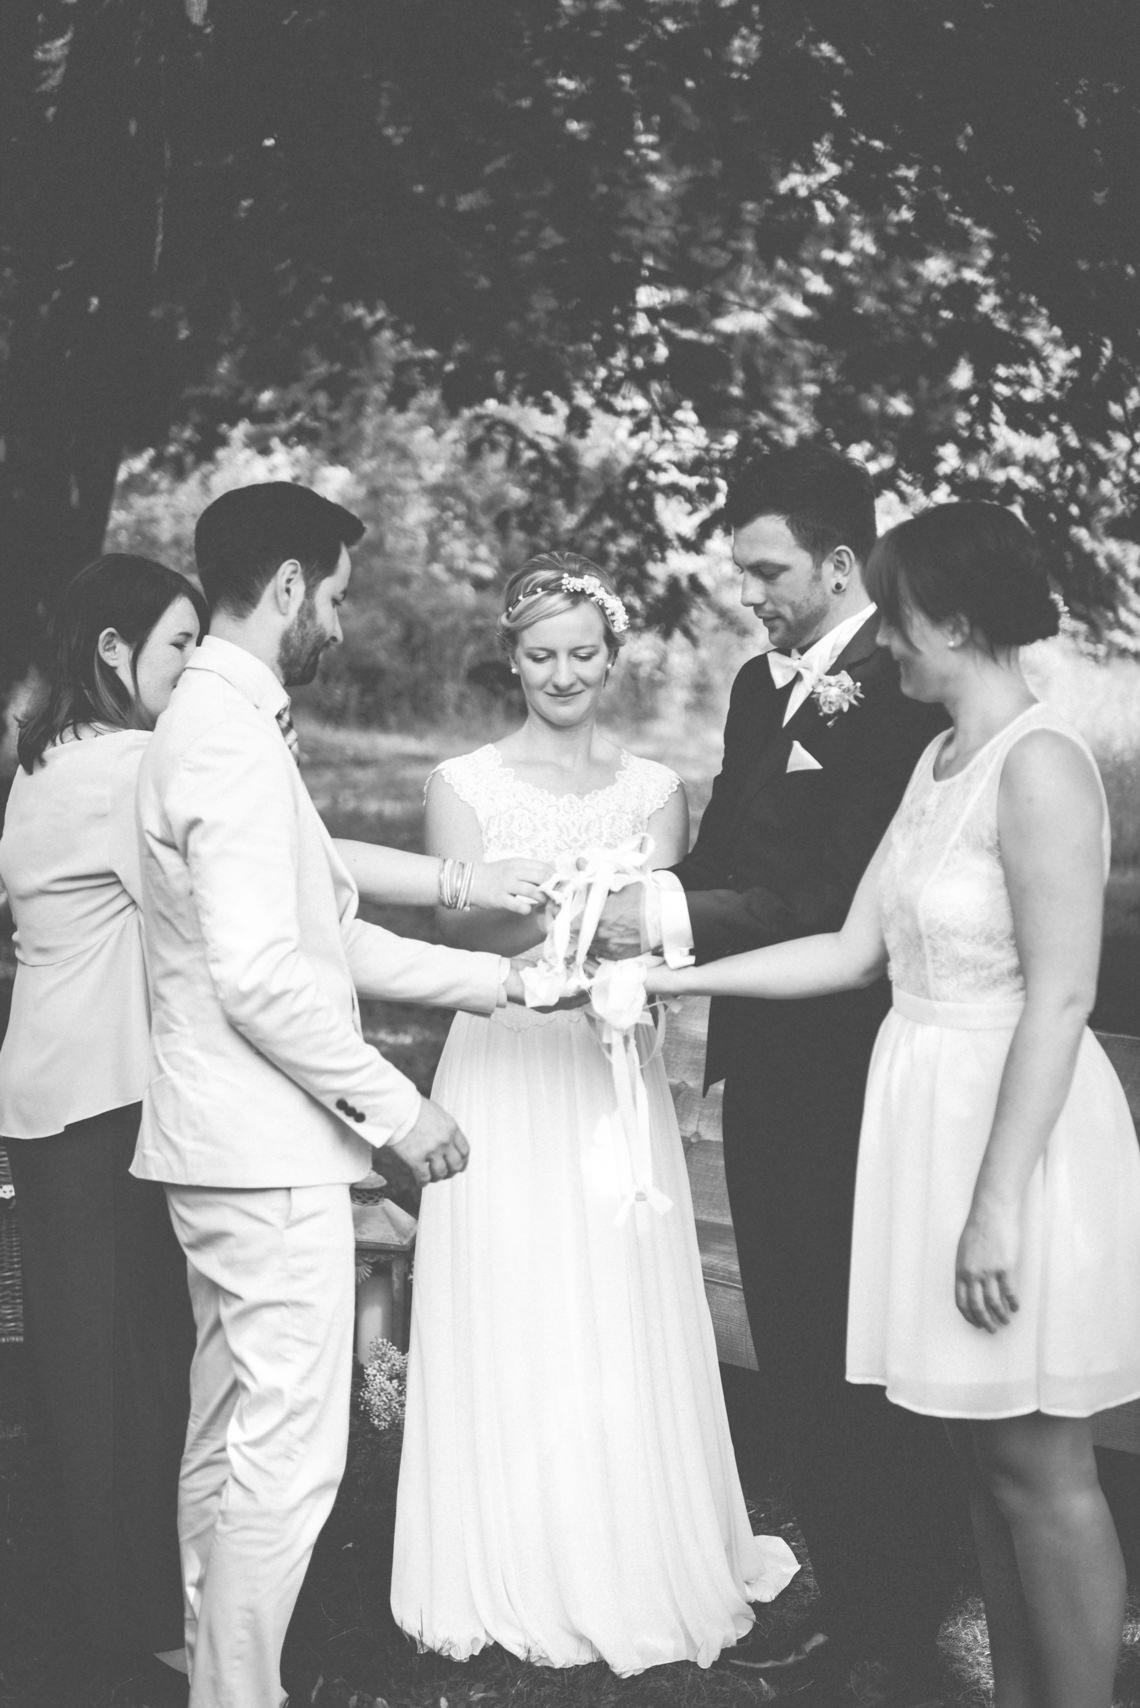 0047_20160528_CKE_1030_Susanne_Robert_Hochzeit